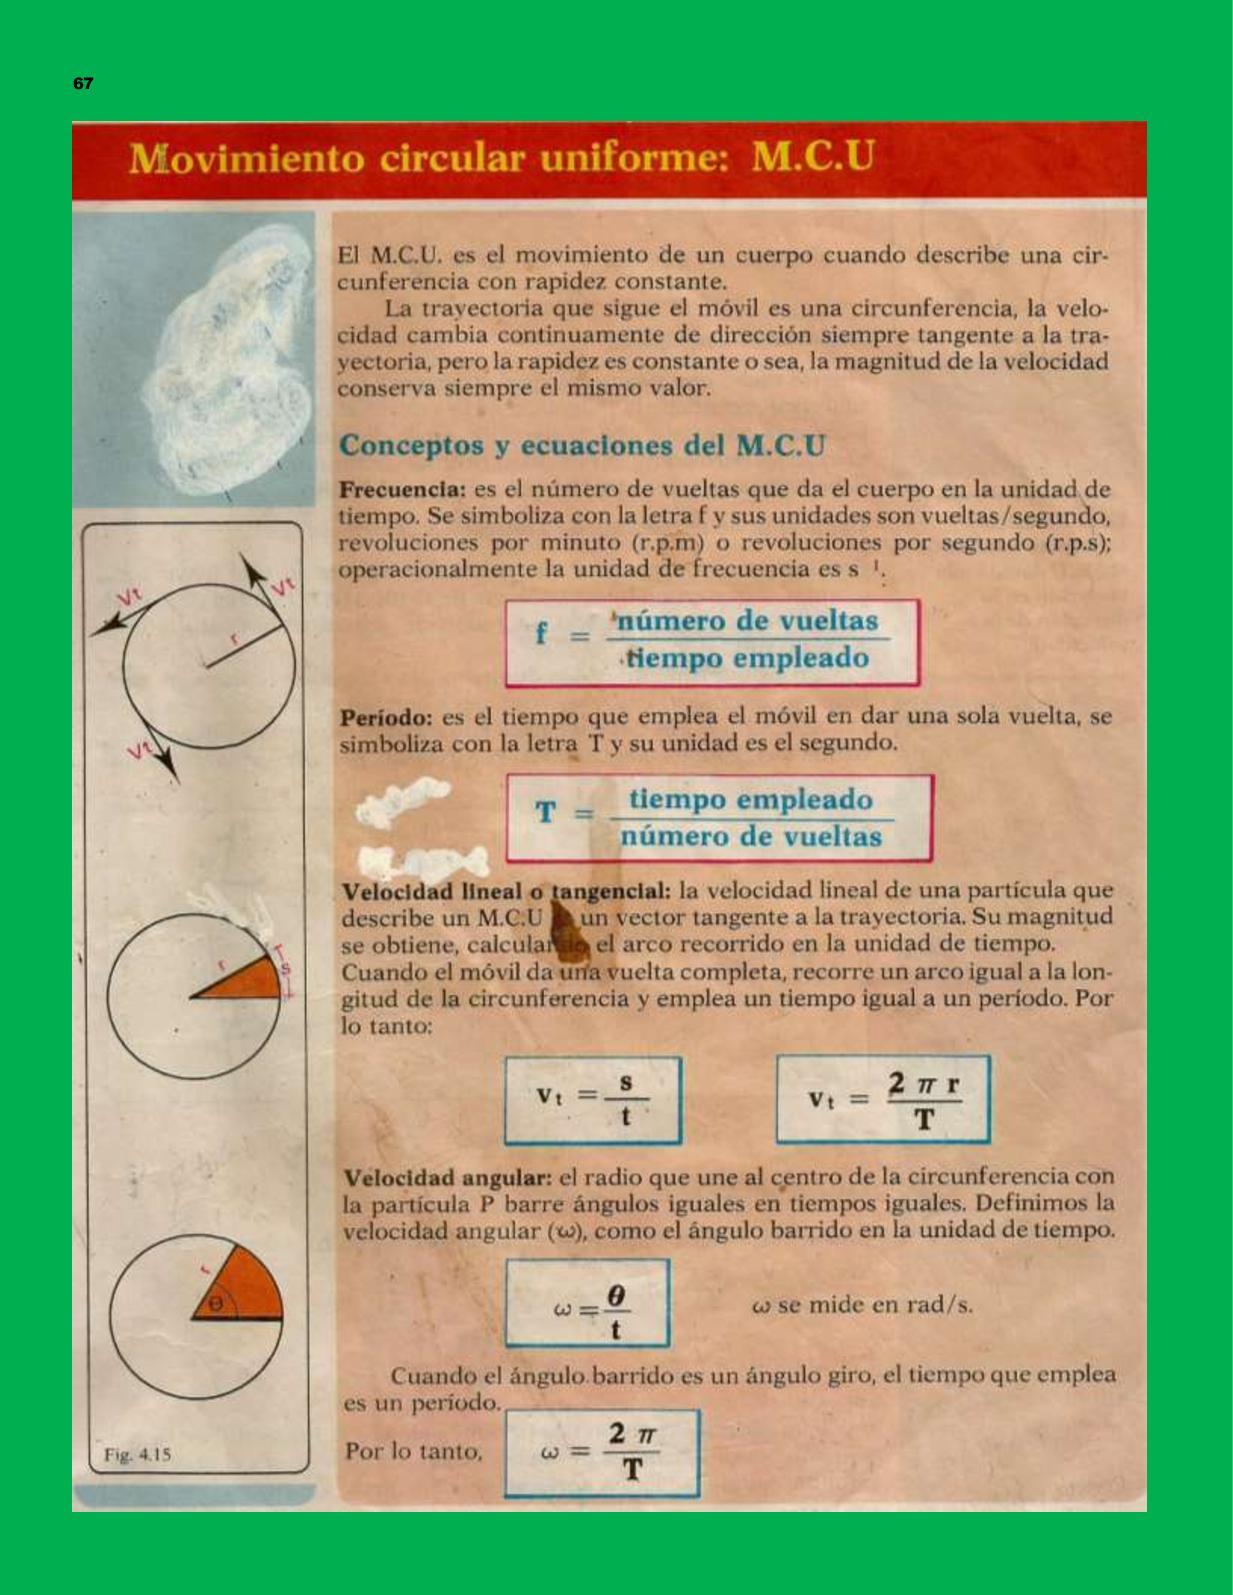 Investiguemos 10 Fisica.pdf //FREE\\ p67